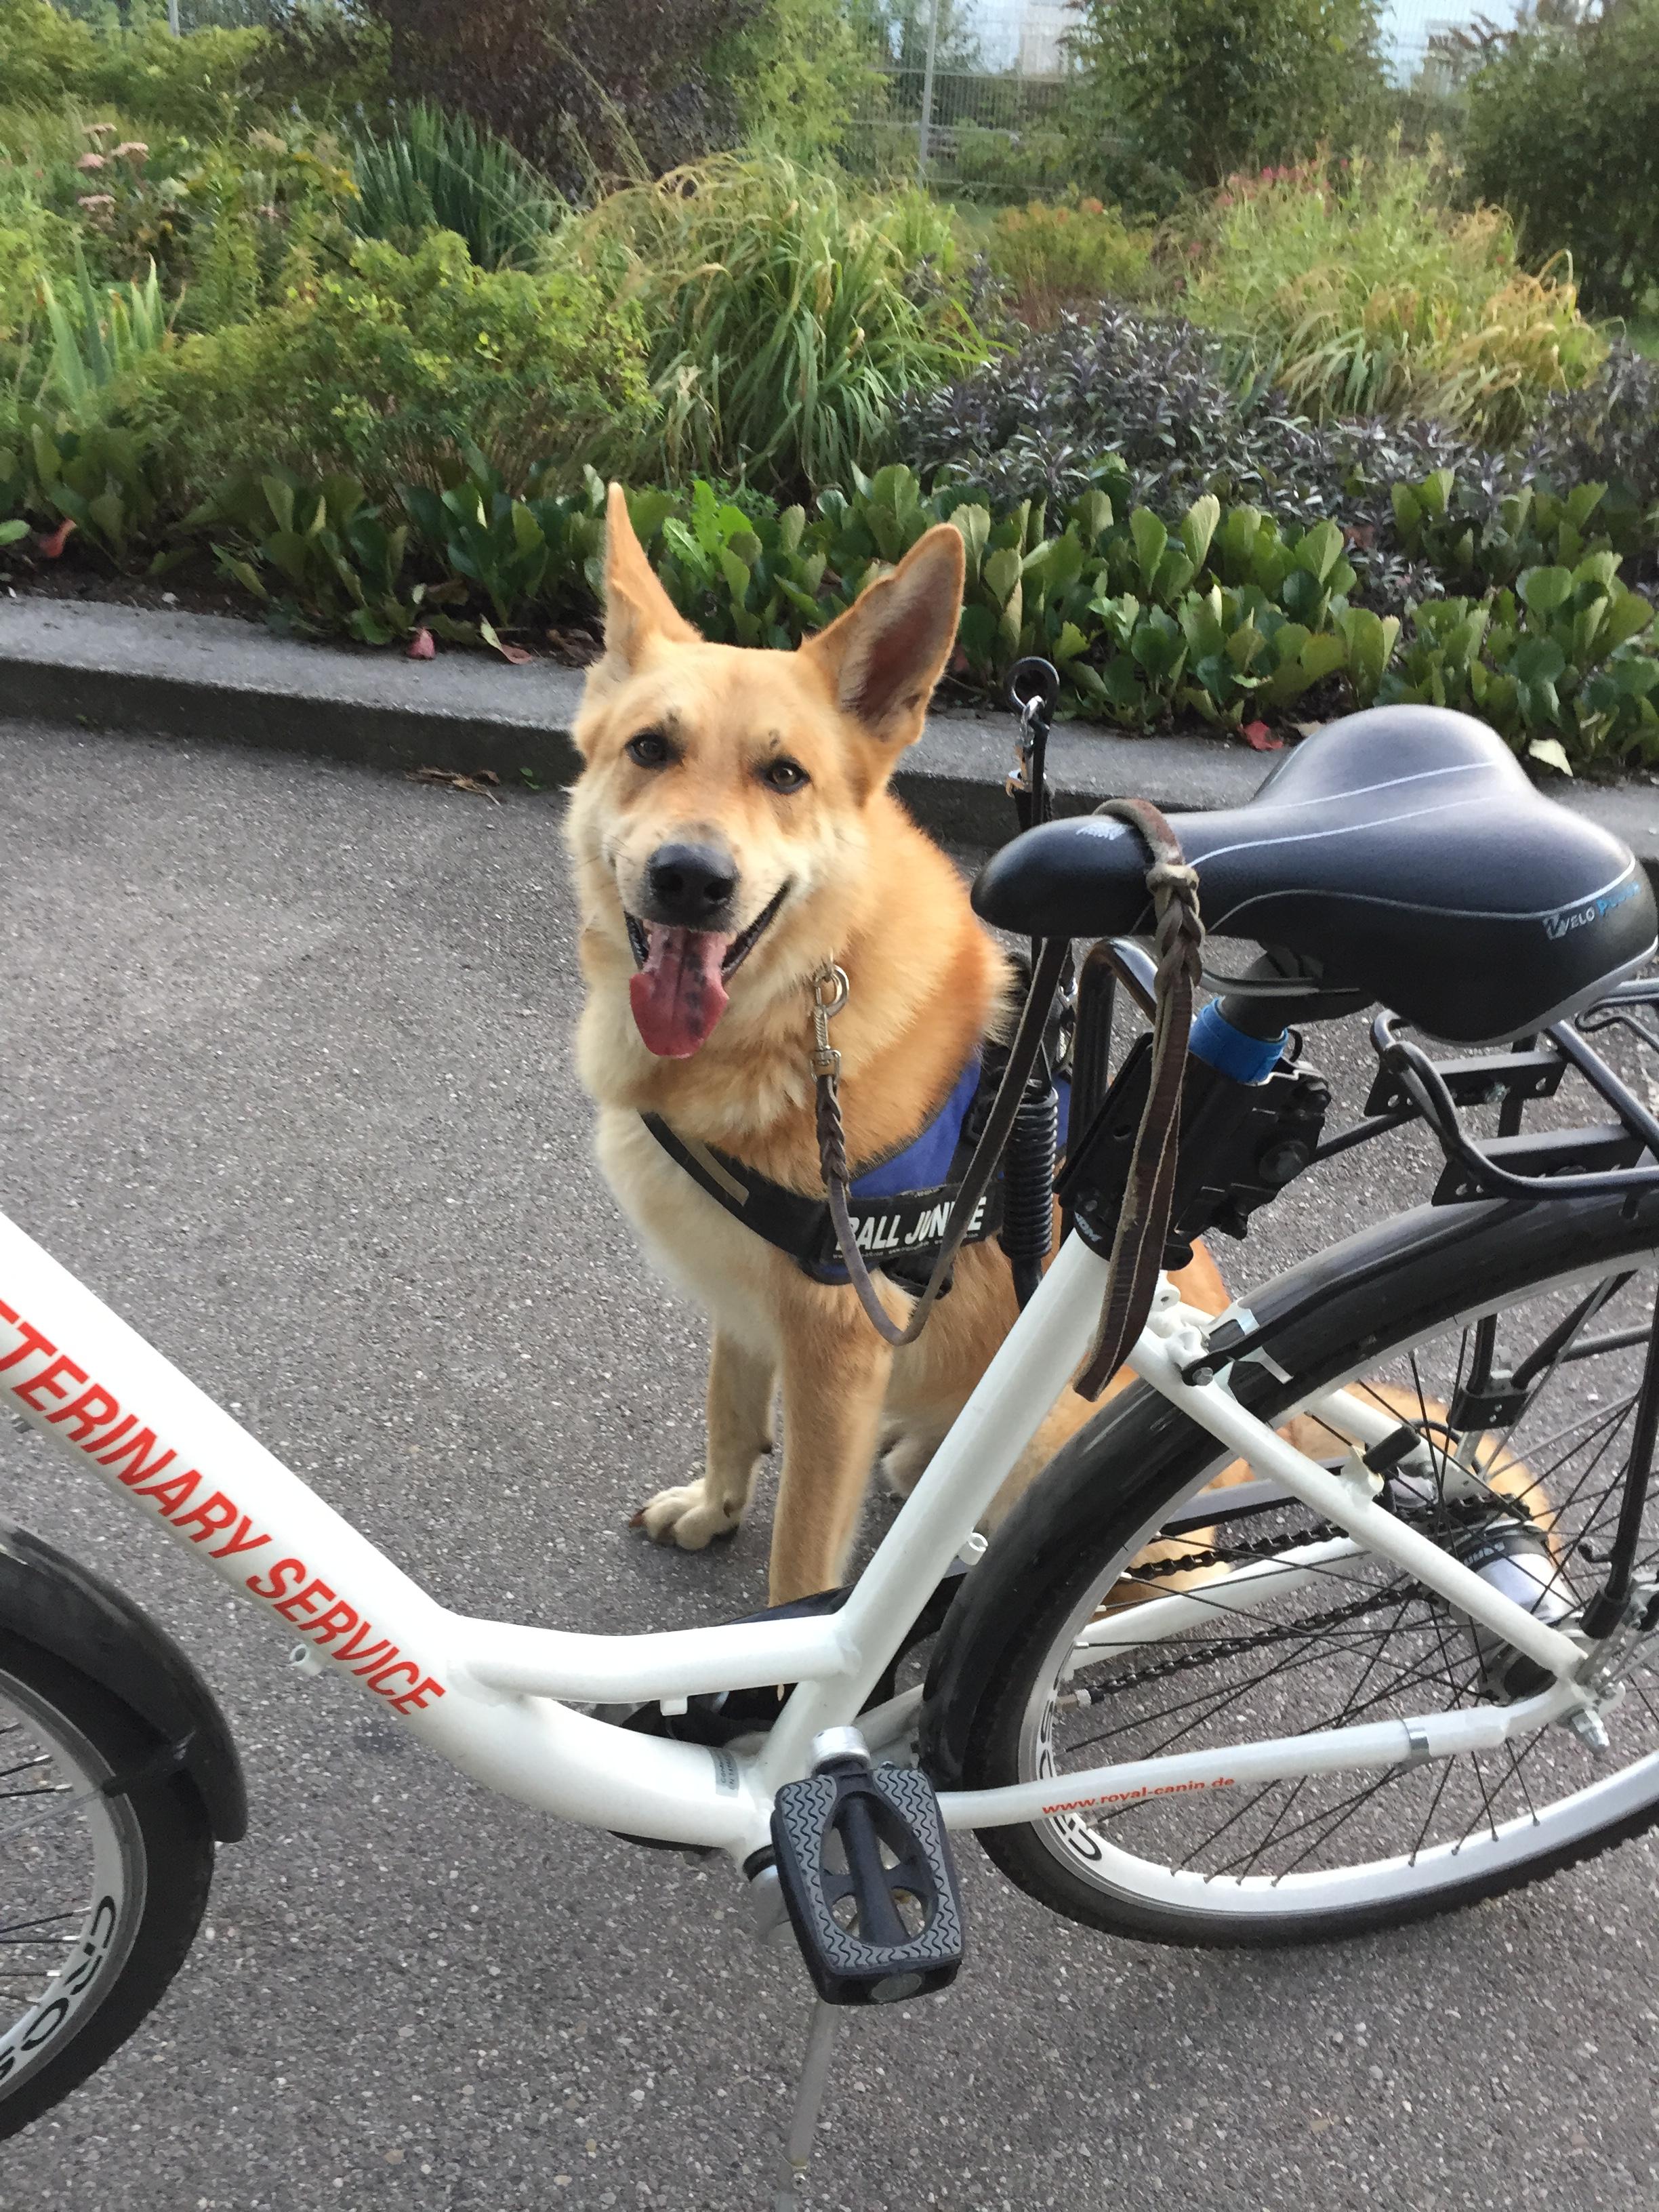 Die Tierarztpraxis Grath bietet auch eine Hundepension an bei der Sie ihren Hund in den Aktiv Urlaub schicken können